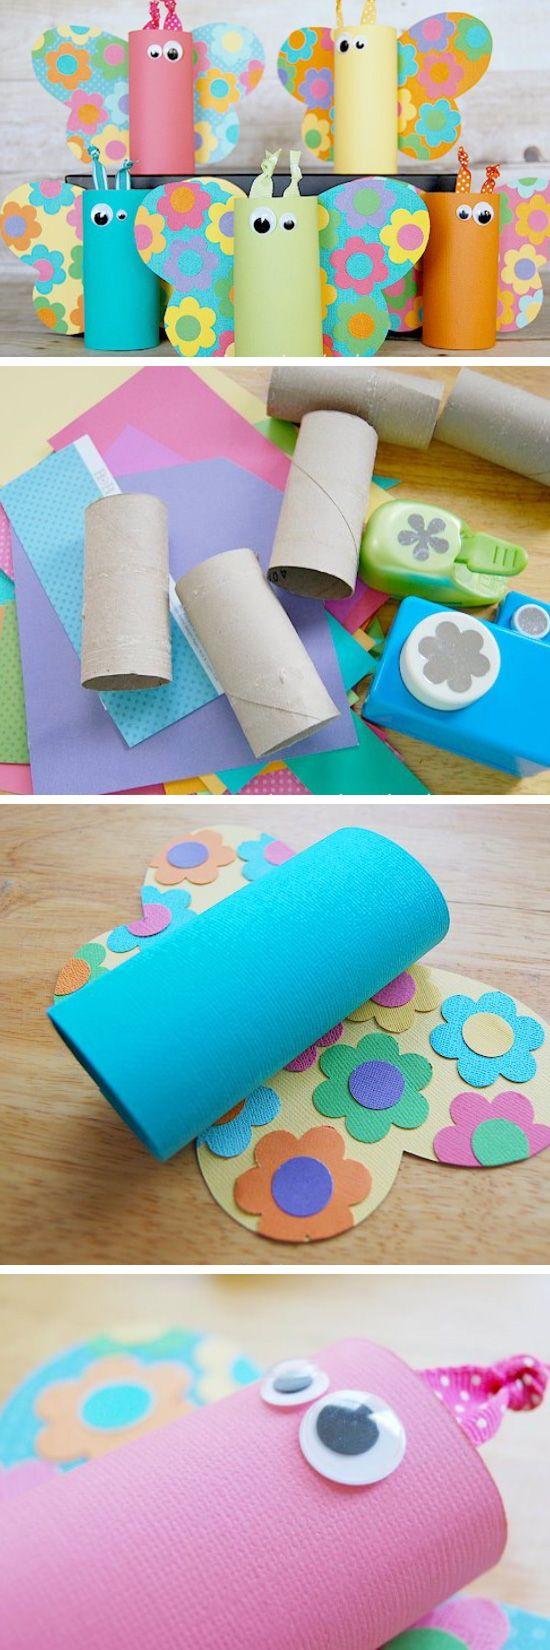 22 Diy Spring Crafts For Kids To Make Spring Crafts Pinterest